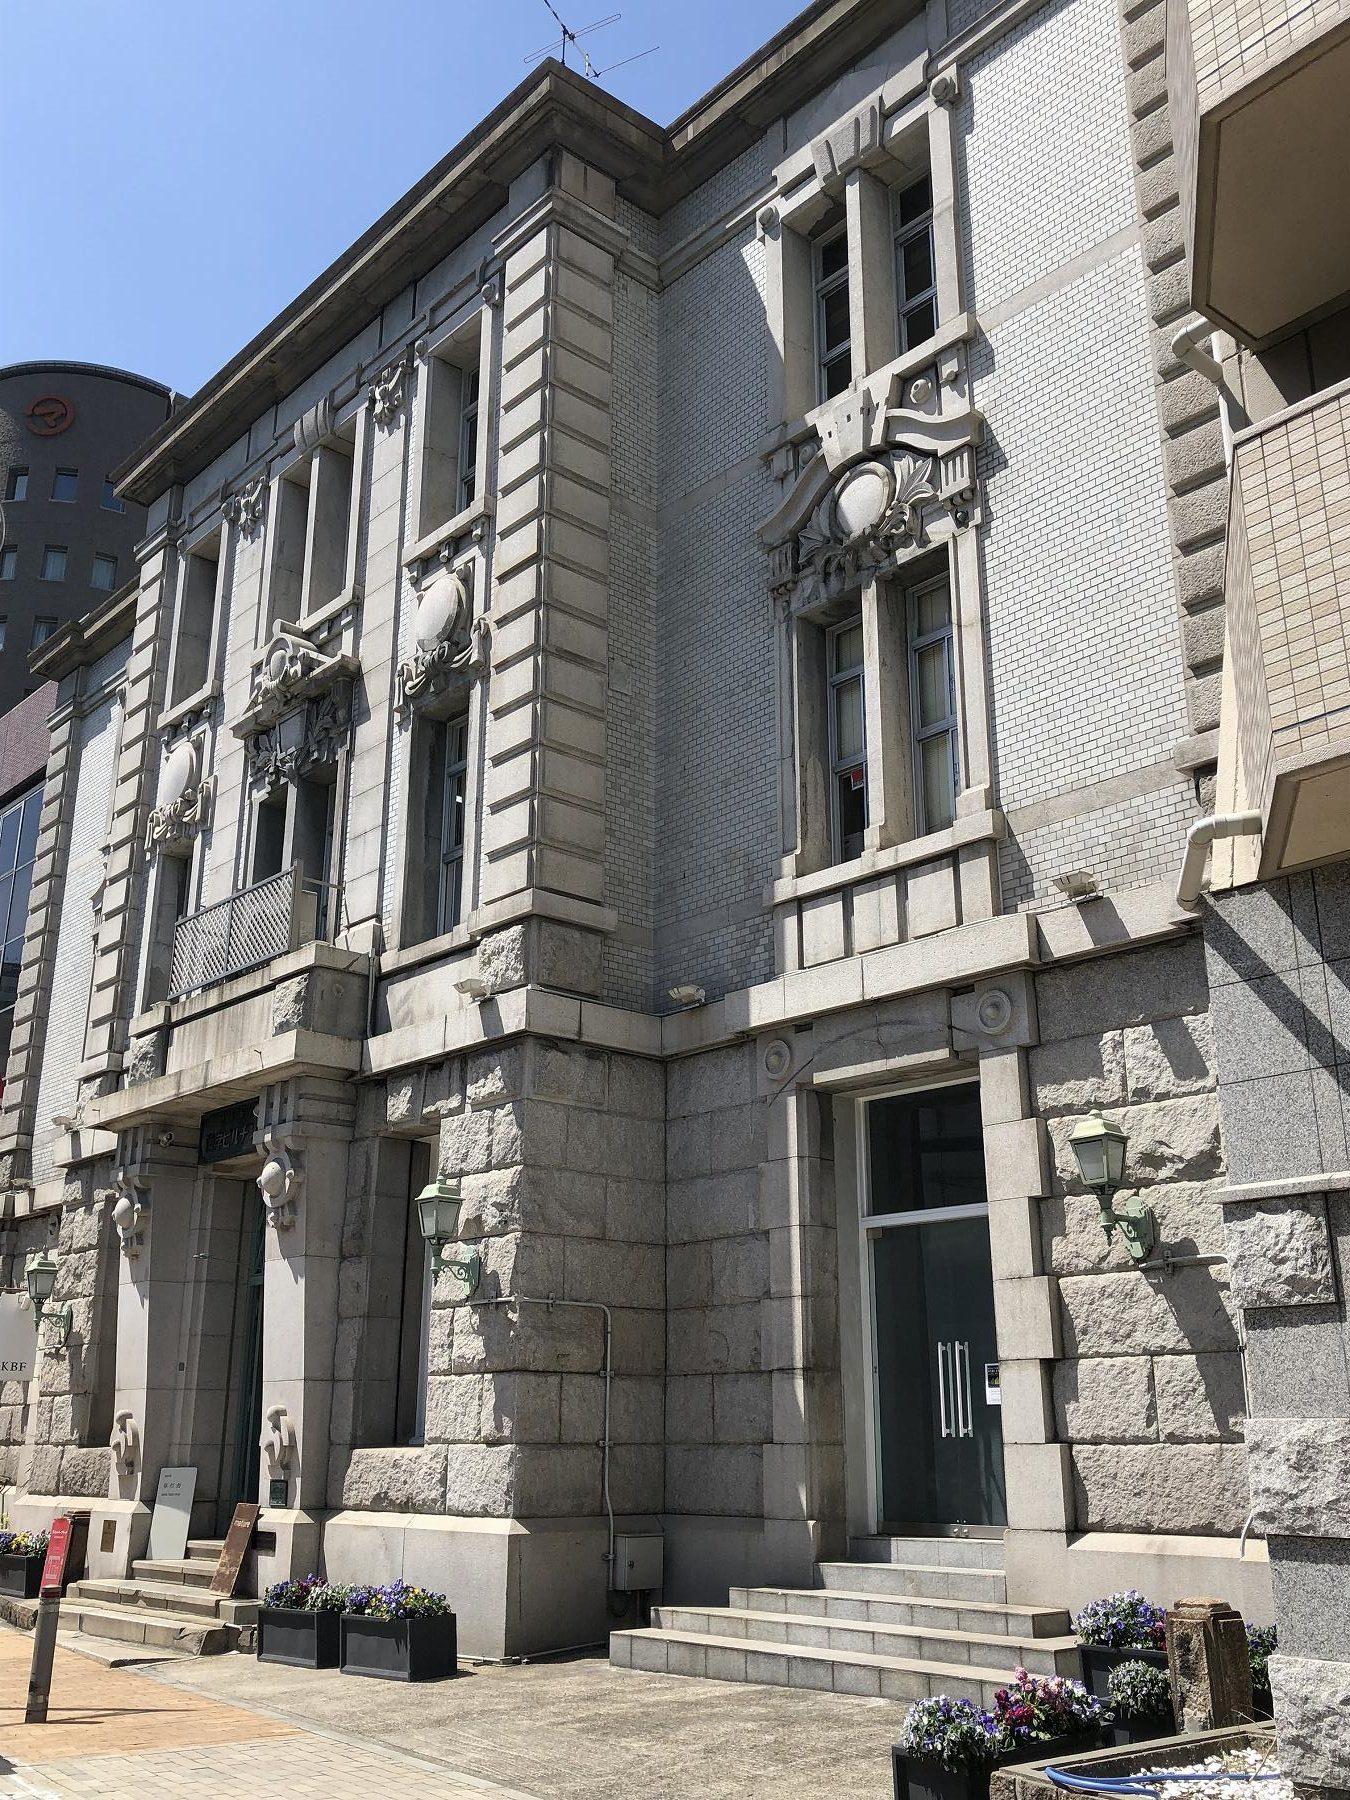 美しい近代建築の建物をご紹介「海岸ビルヂング」 #近代建築 #文化遺産 #神戸観光 #河合浩蔵